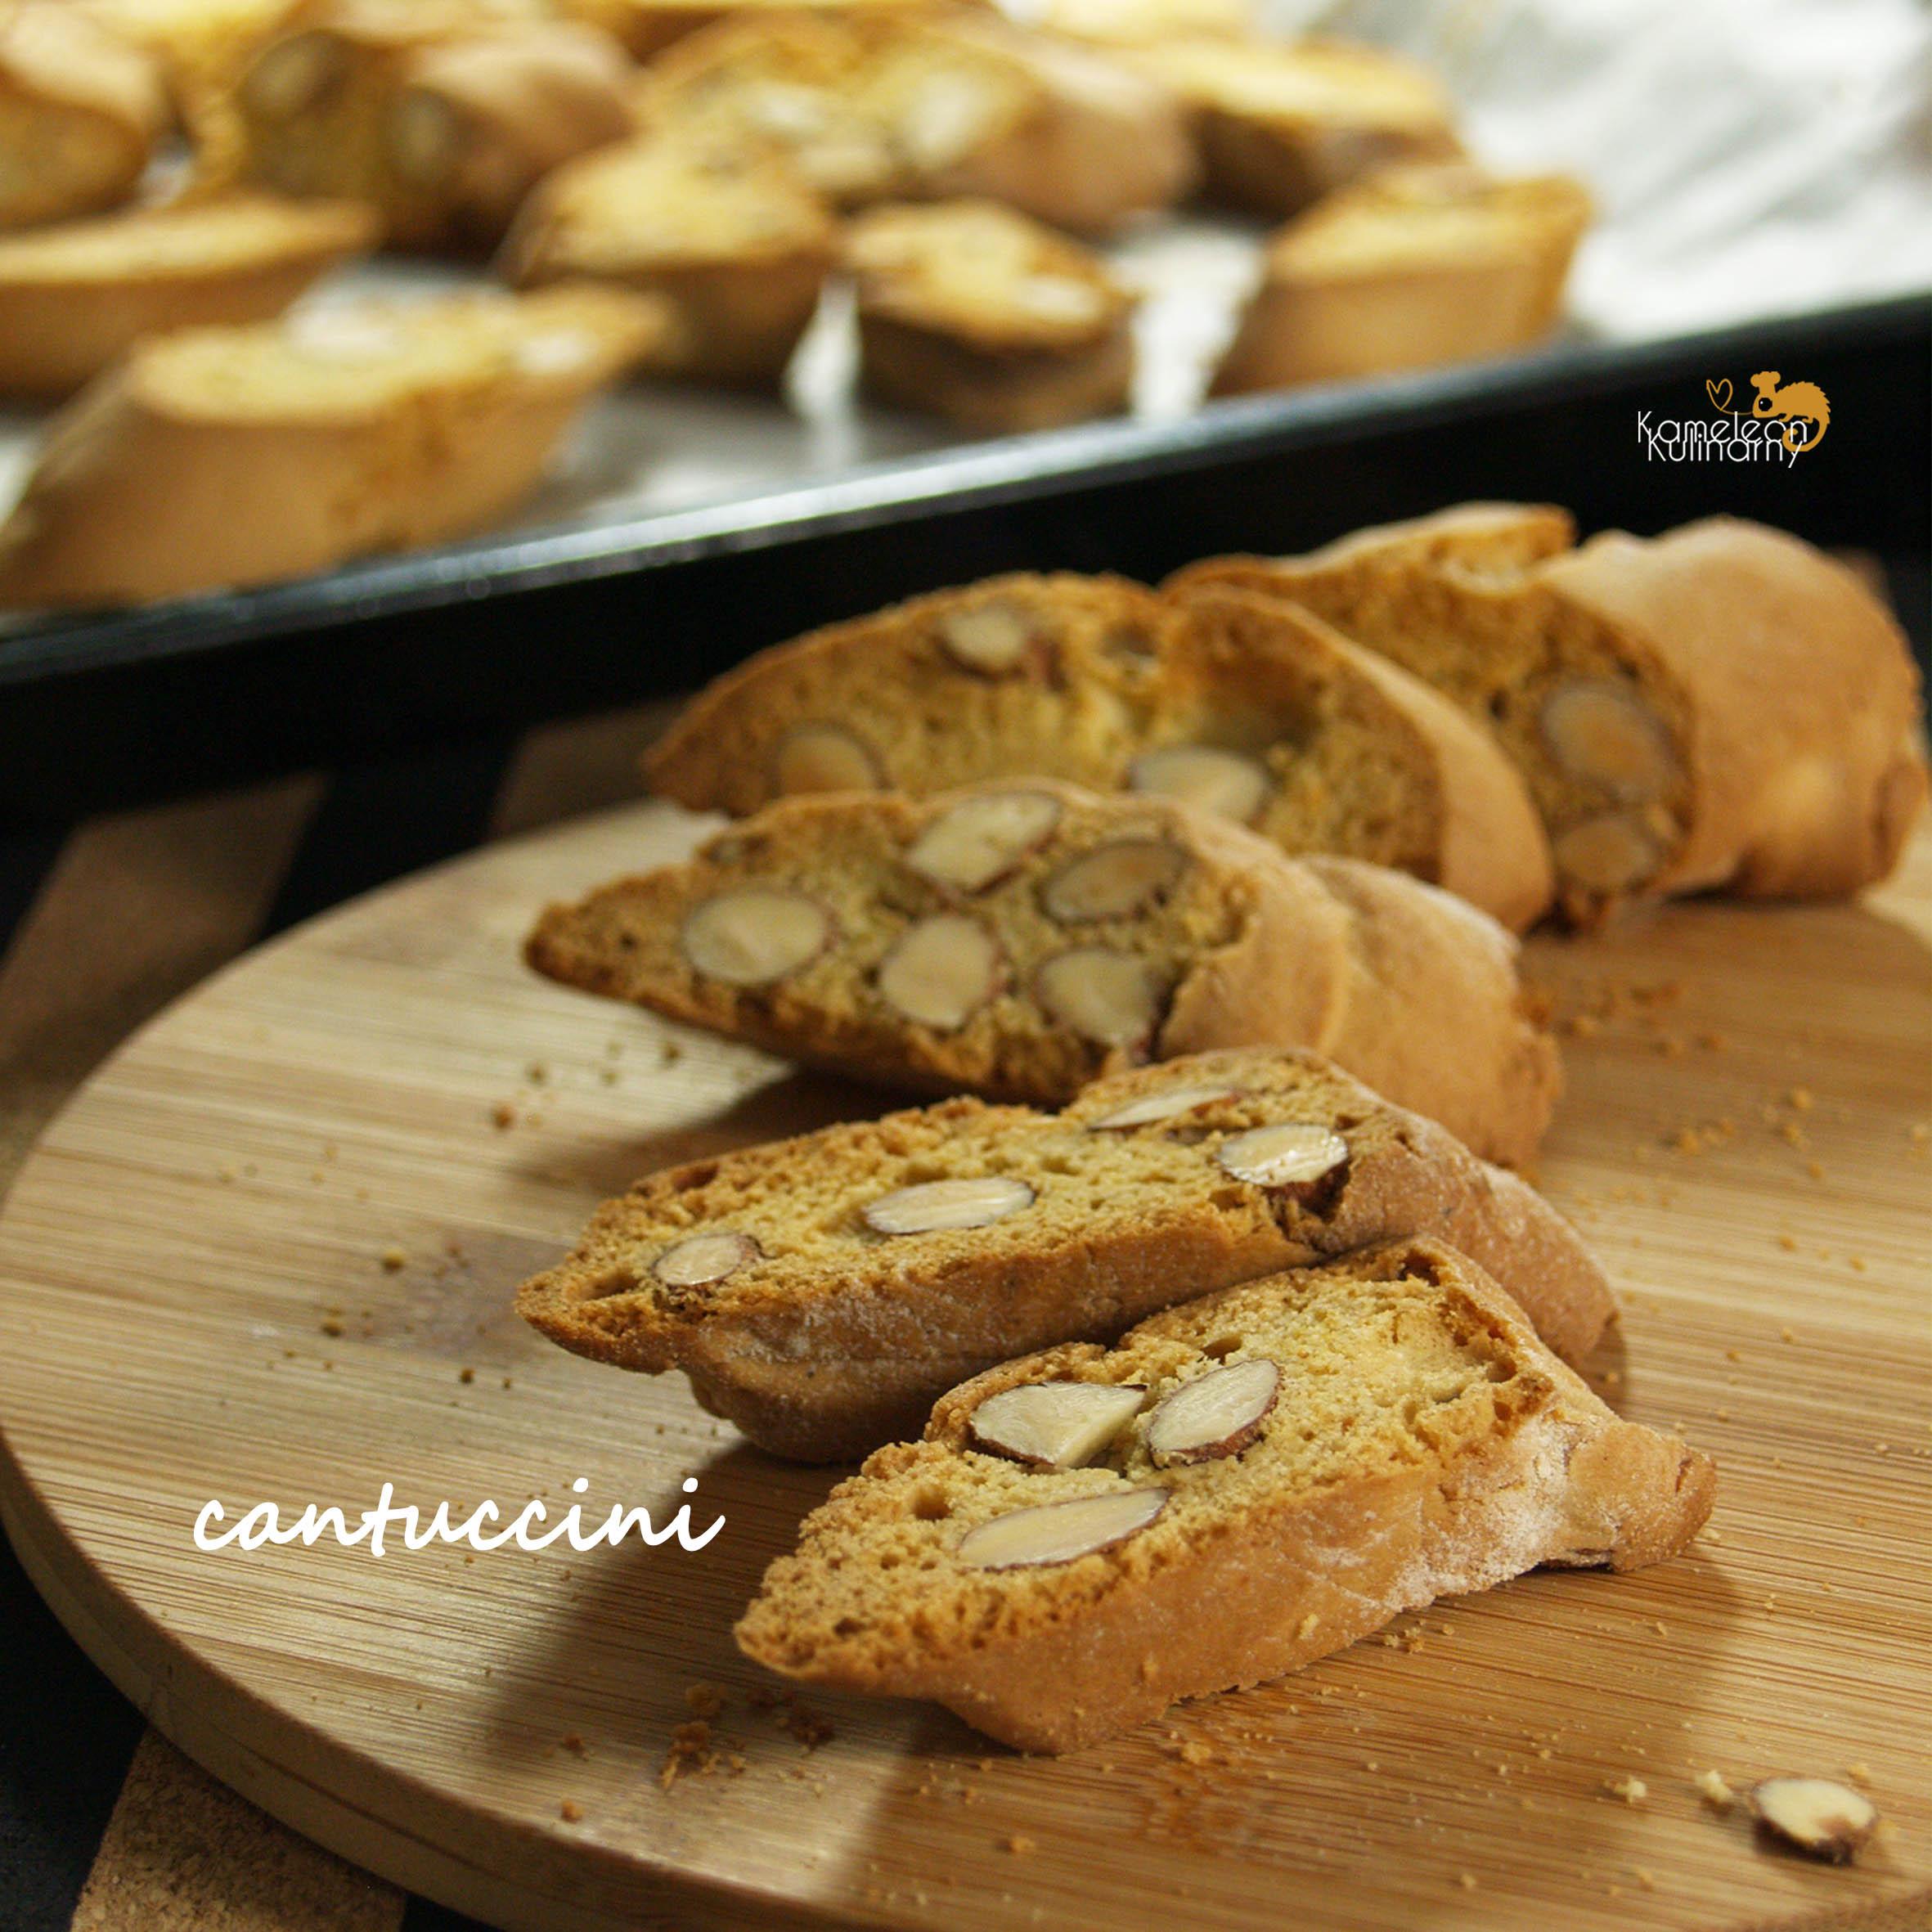 CANTUCCINI podwójnie pieczone ciasteczka